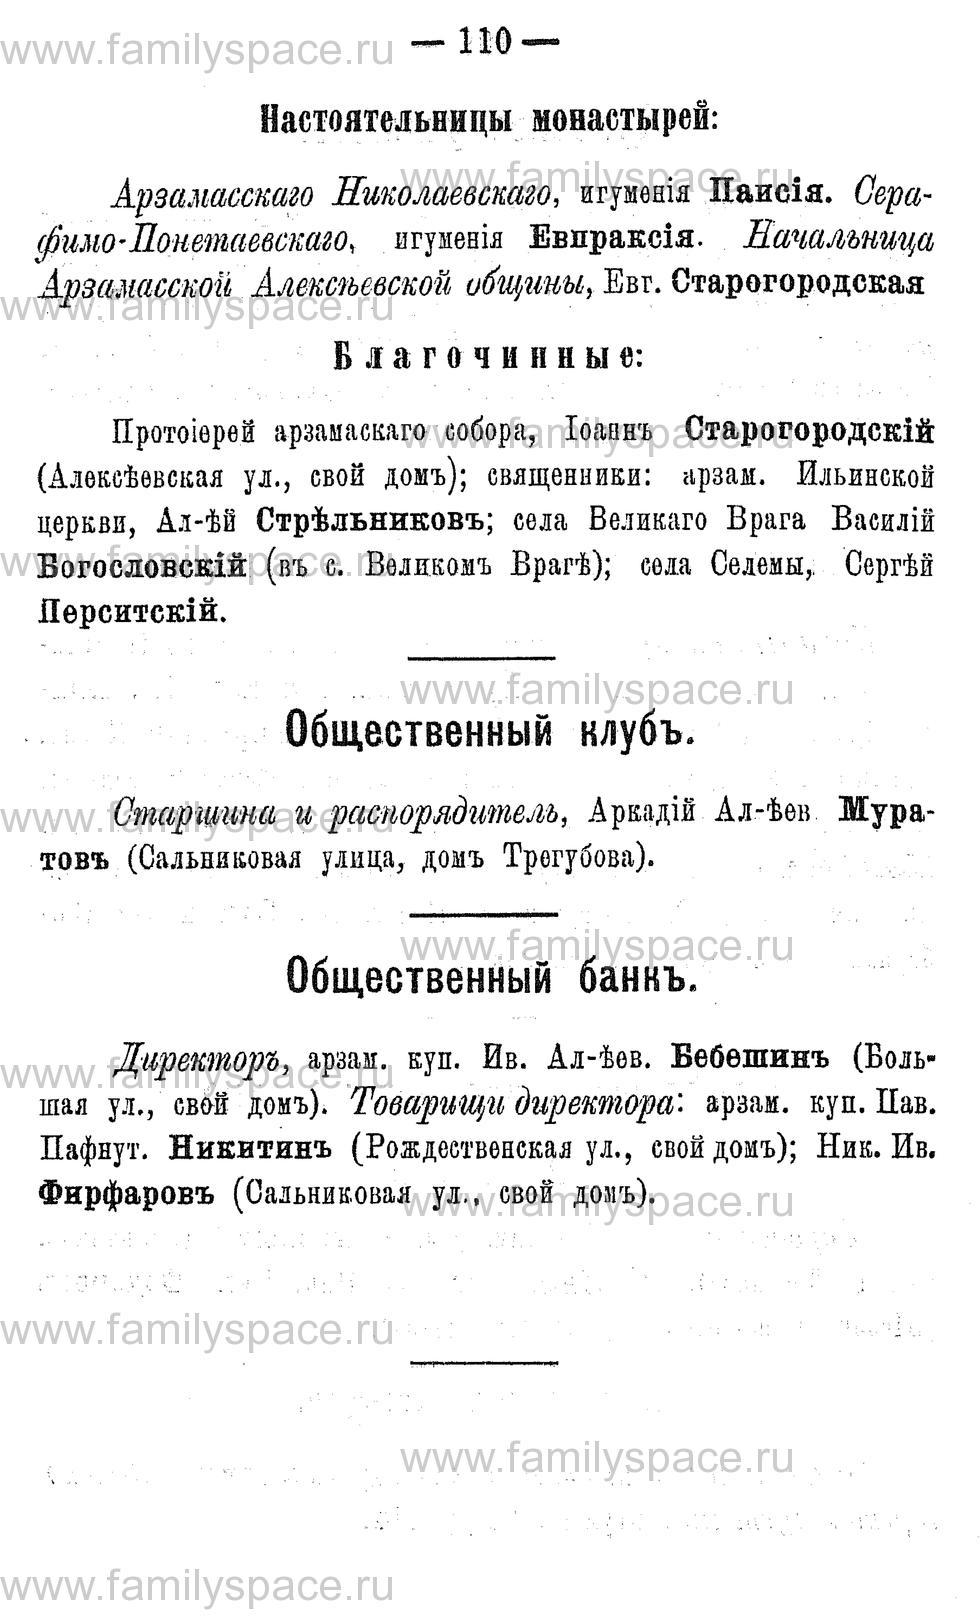 Поиск по фамилии - Адрес-календарь Нижегородской губернии на 1891 год, страница 110